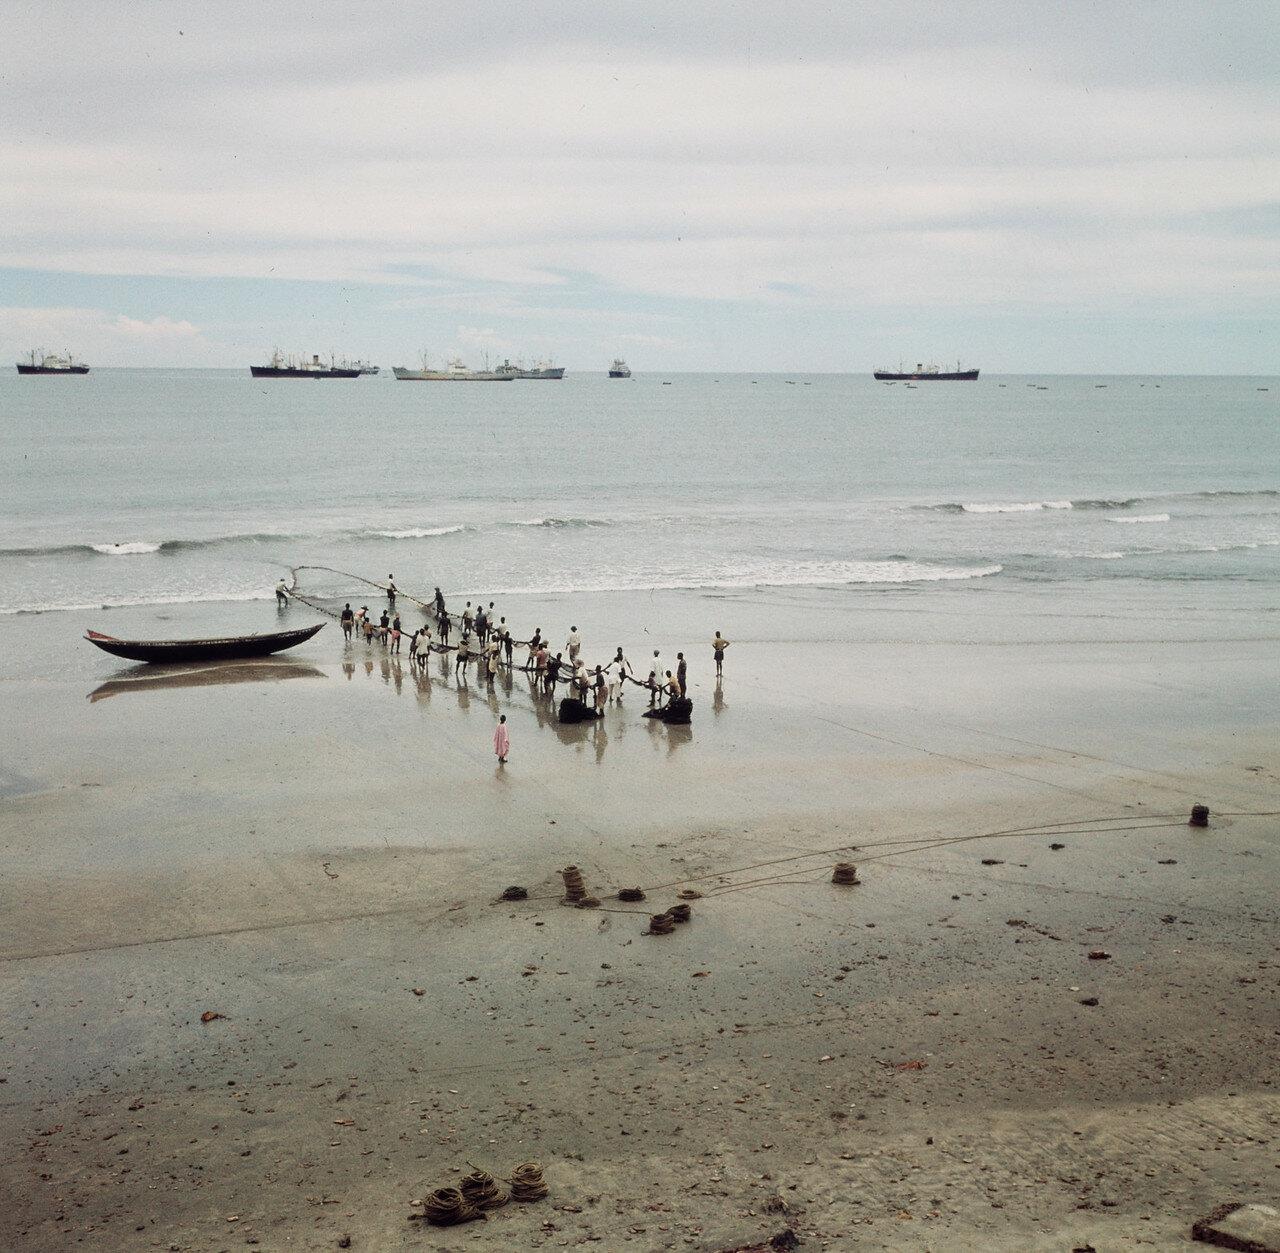 Растягивание рыболовной сети на берегу. На заднем плане грузовые суда, стоящие на якоре. 28 марта